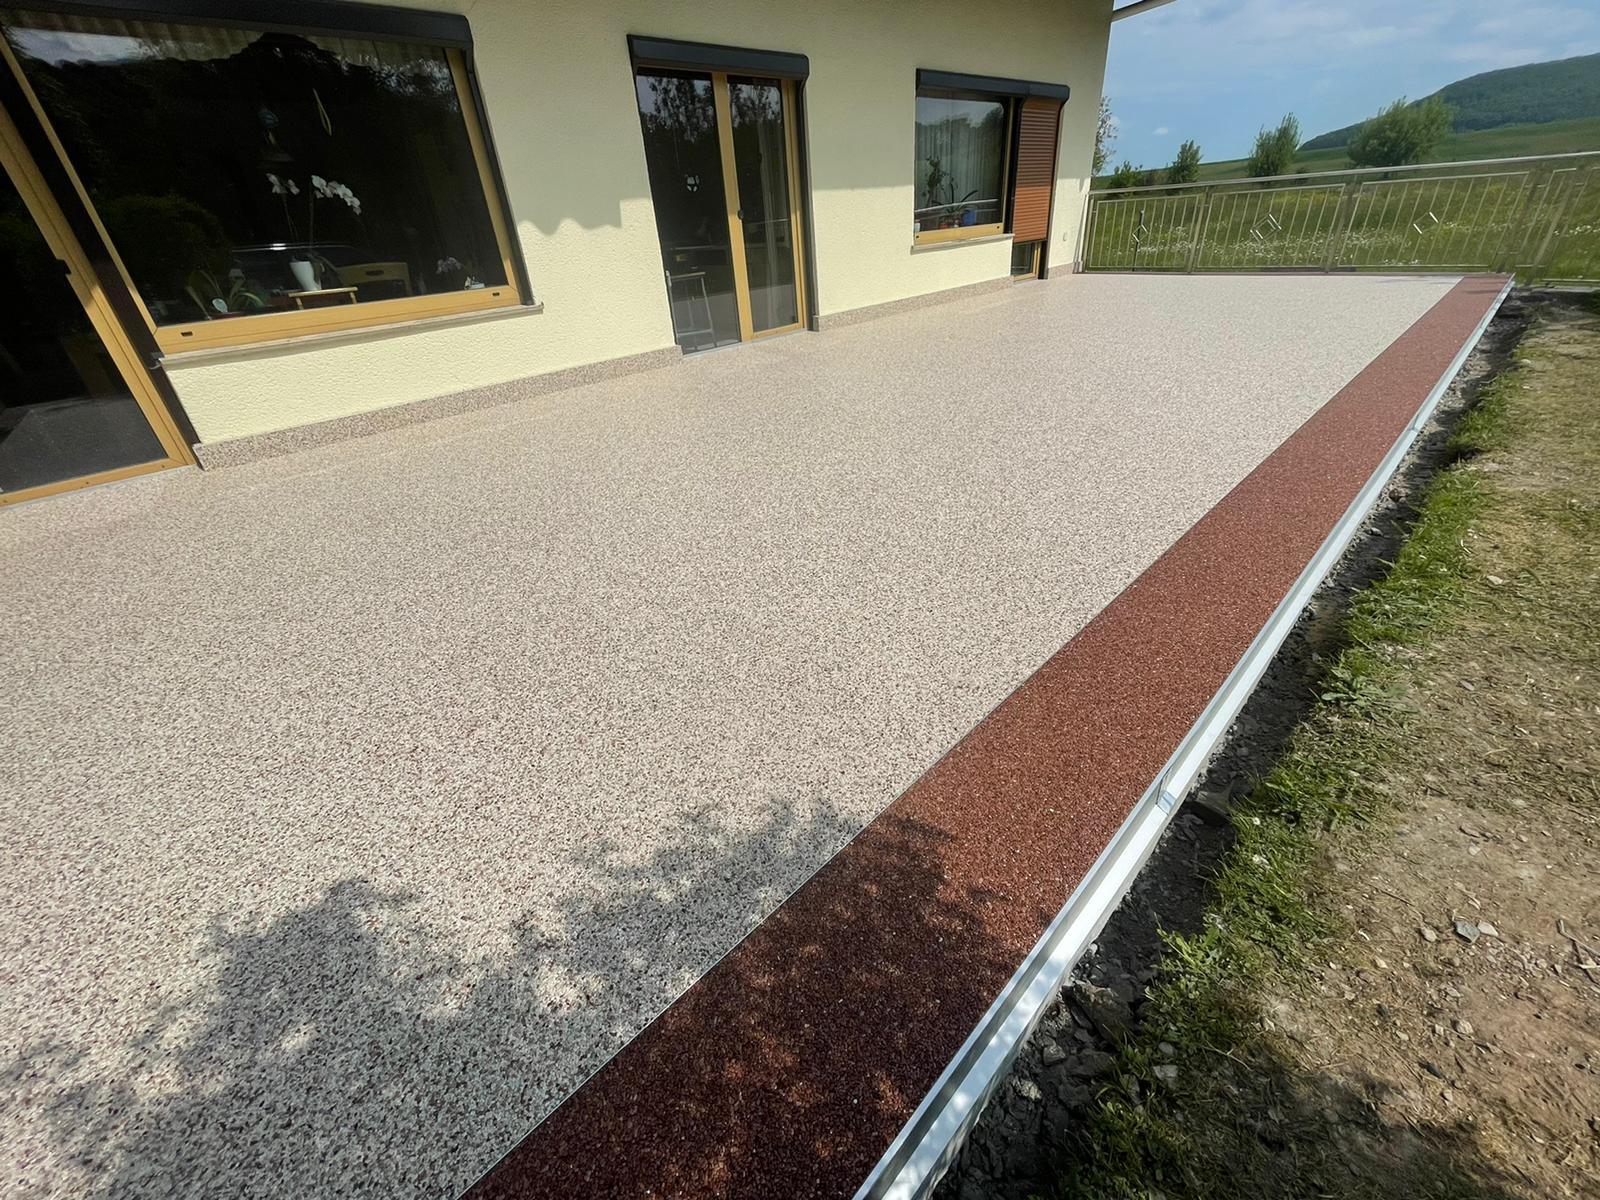 Steinteppich in Friedewald in Hessen! 50 m²